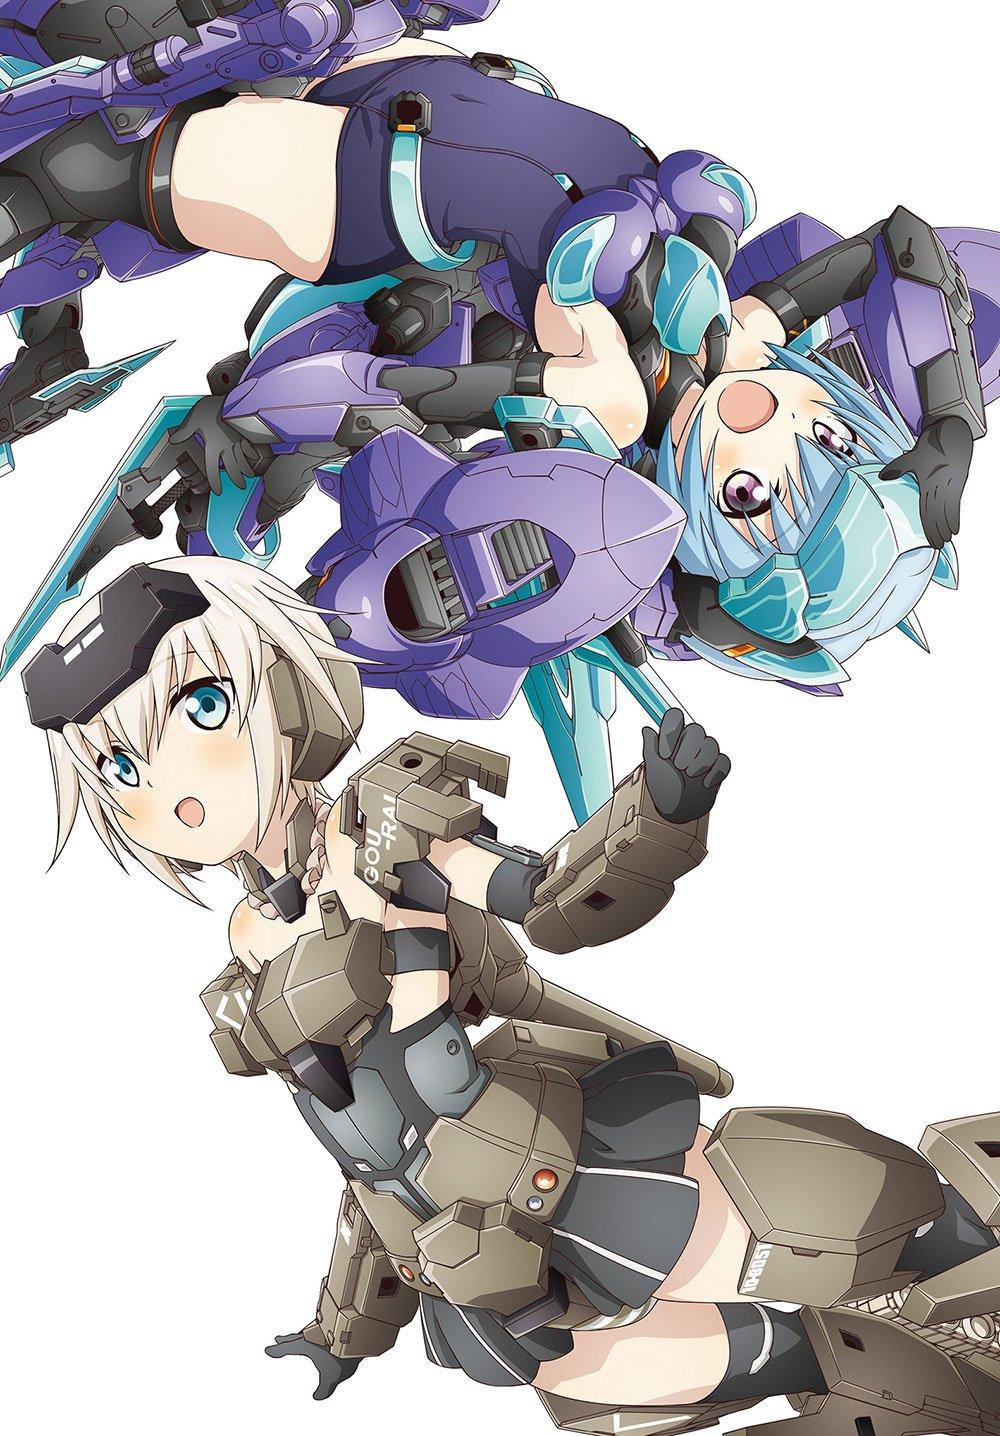 ANIME FRAME ARMS GIRL DRAMA CD MK-3 - Anime Frame Arms Girl ...